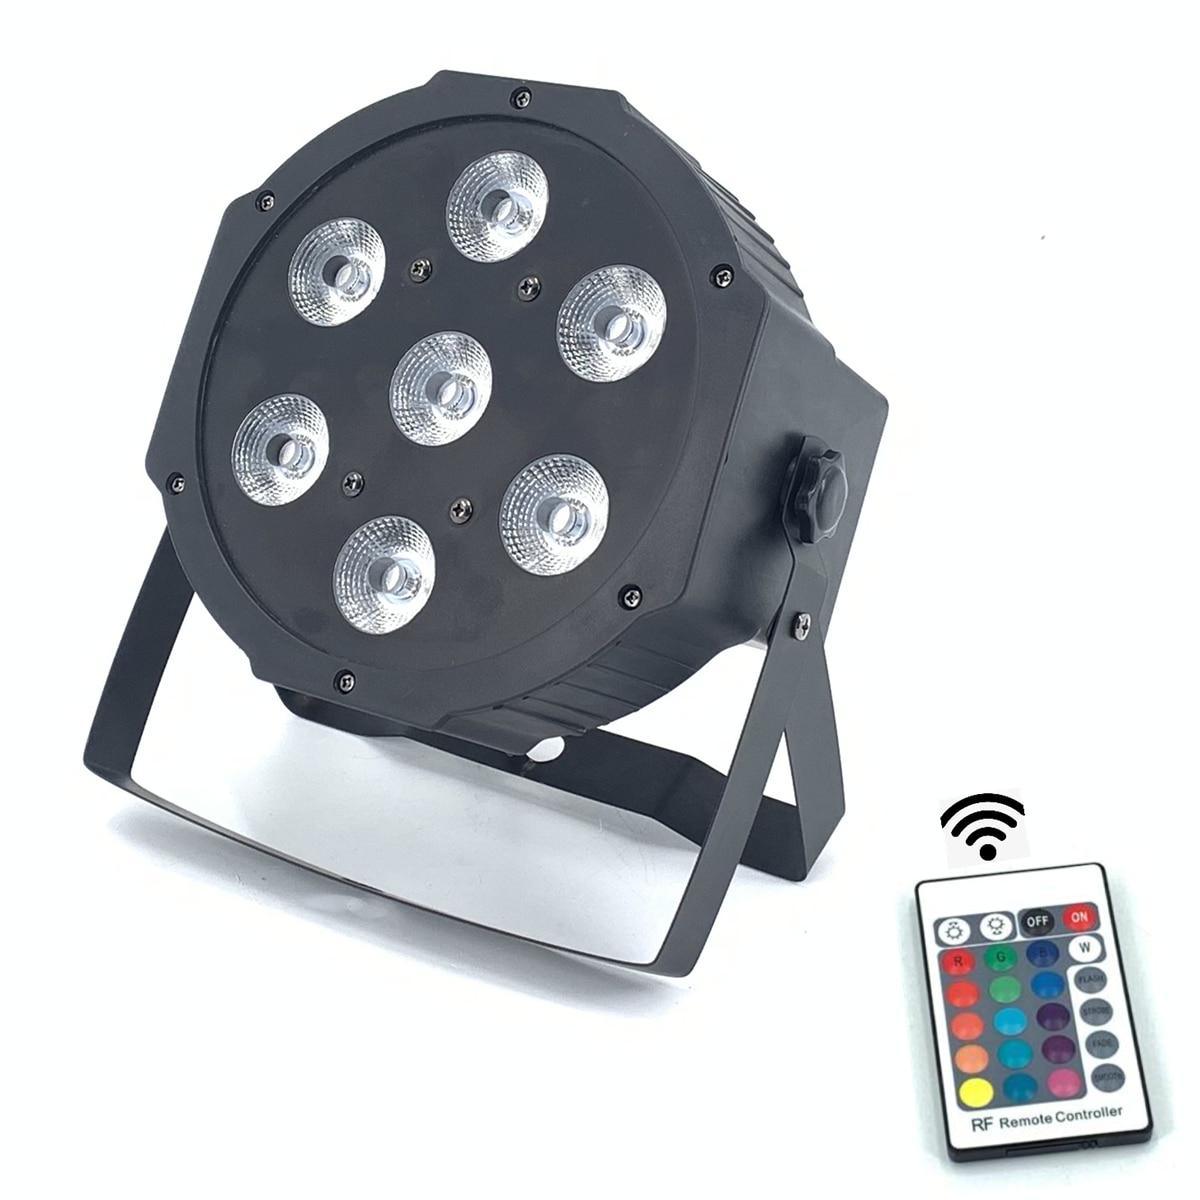 รีโมทคอนโทรลไร้สาย LED สว่าง 8 ช่อง dmx Led Flat Par 7x12W RGBW 4IN1 Fast Shipping